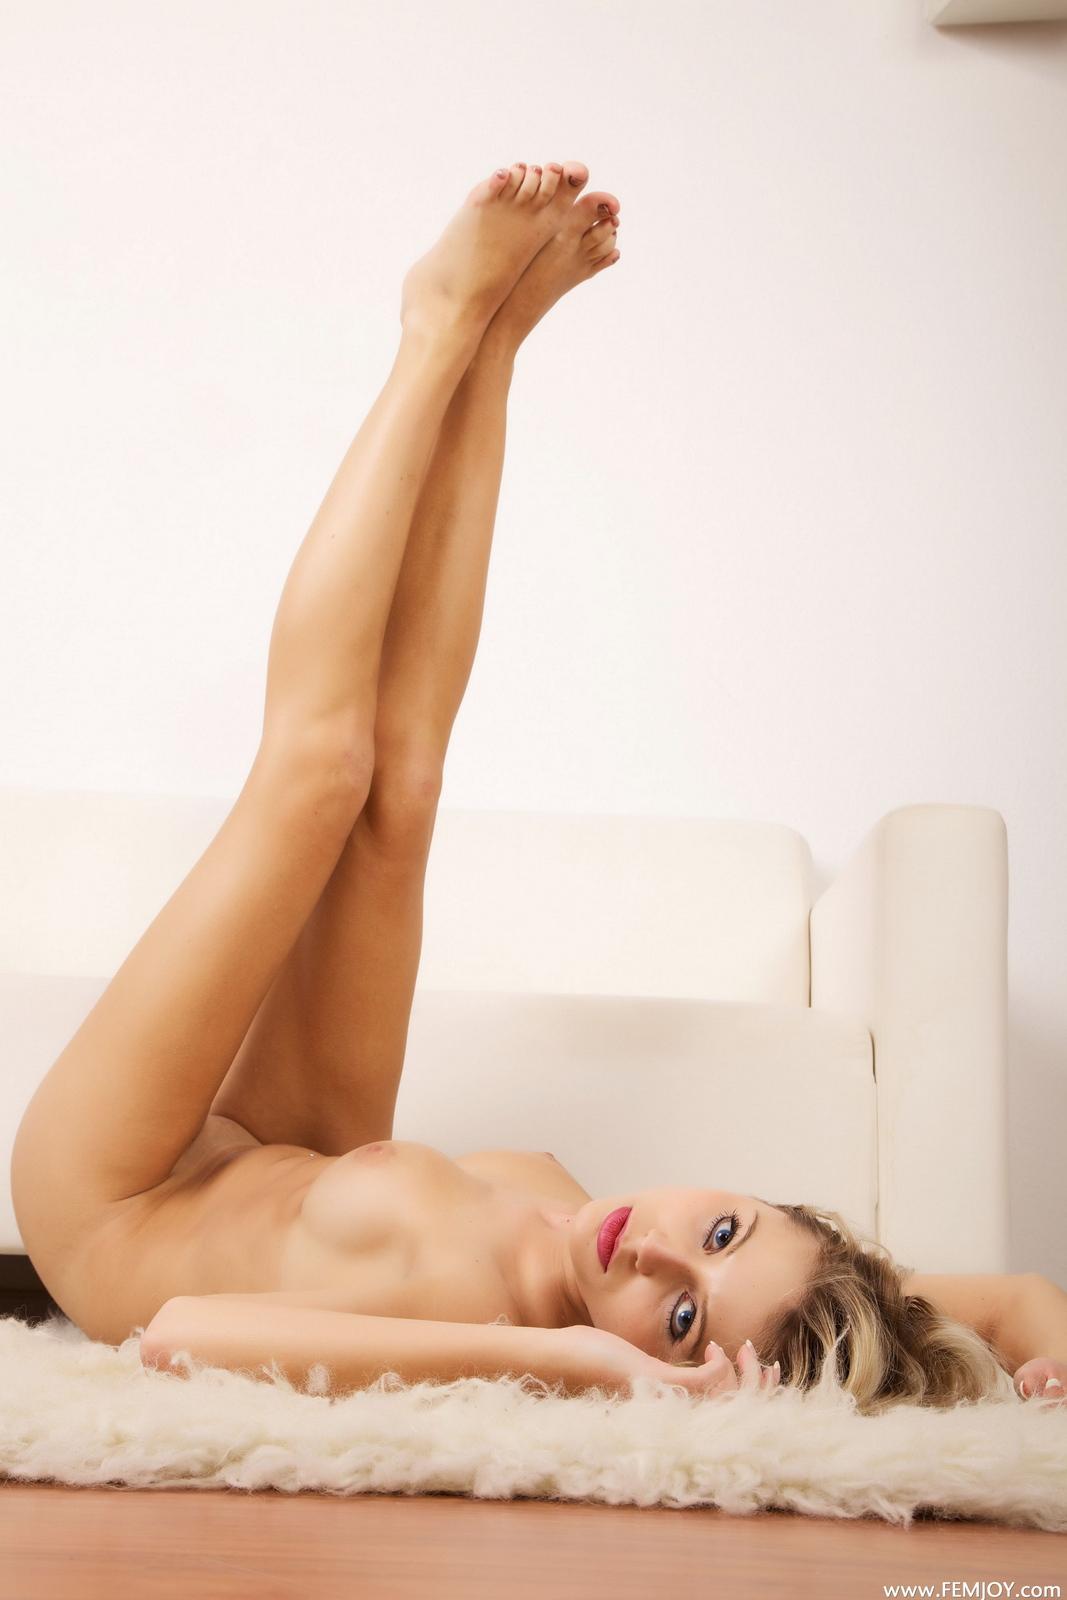 laura-j-blonde-nude-over-knee-socks-high-heels-femjoy-36